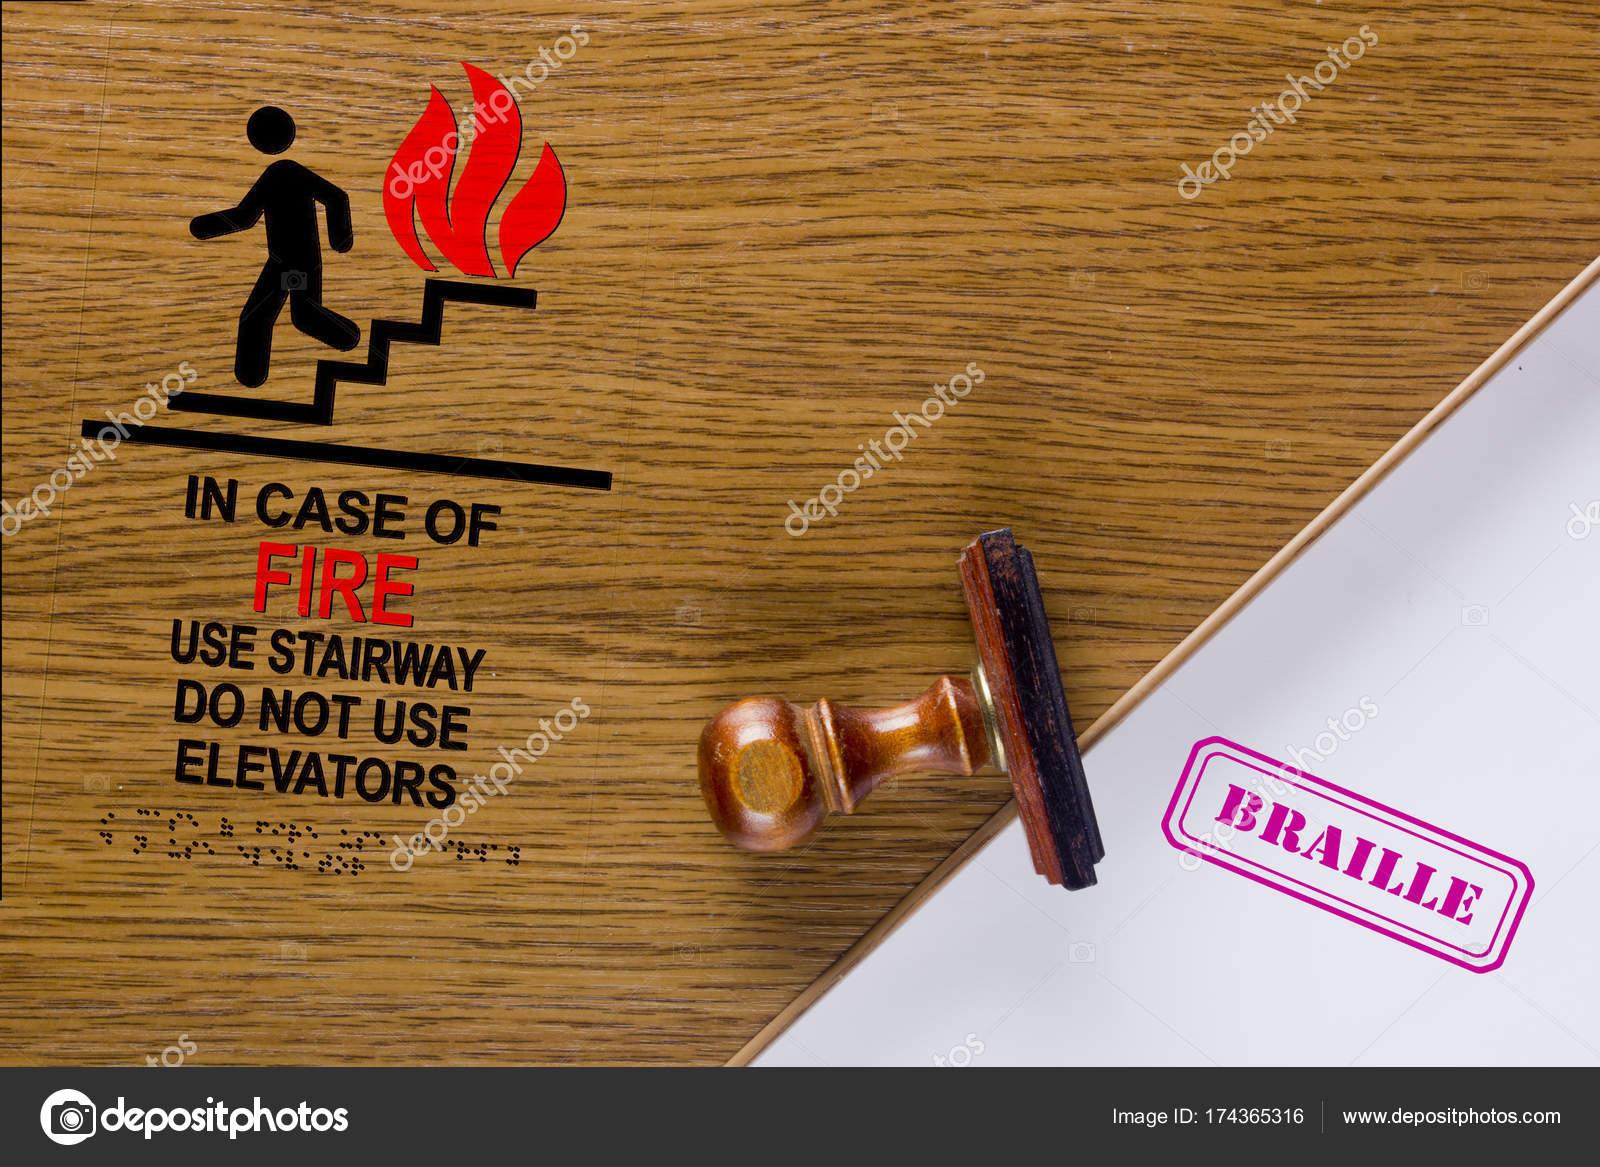 Smbolo En Caso De Incendio Uso Escalera Forma Fotos De Stock